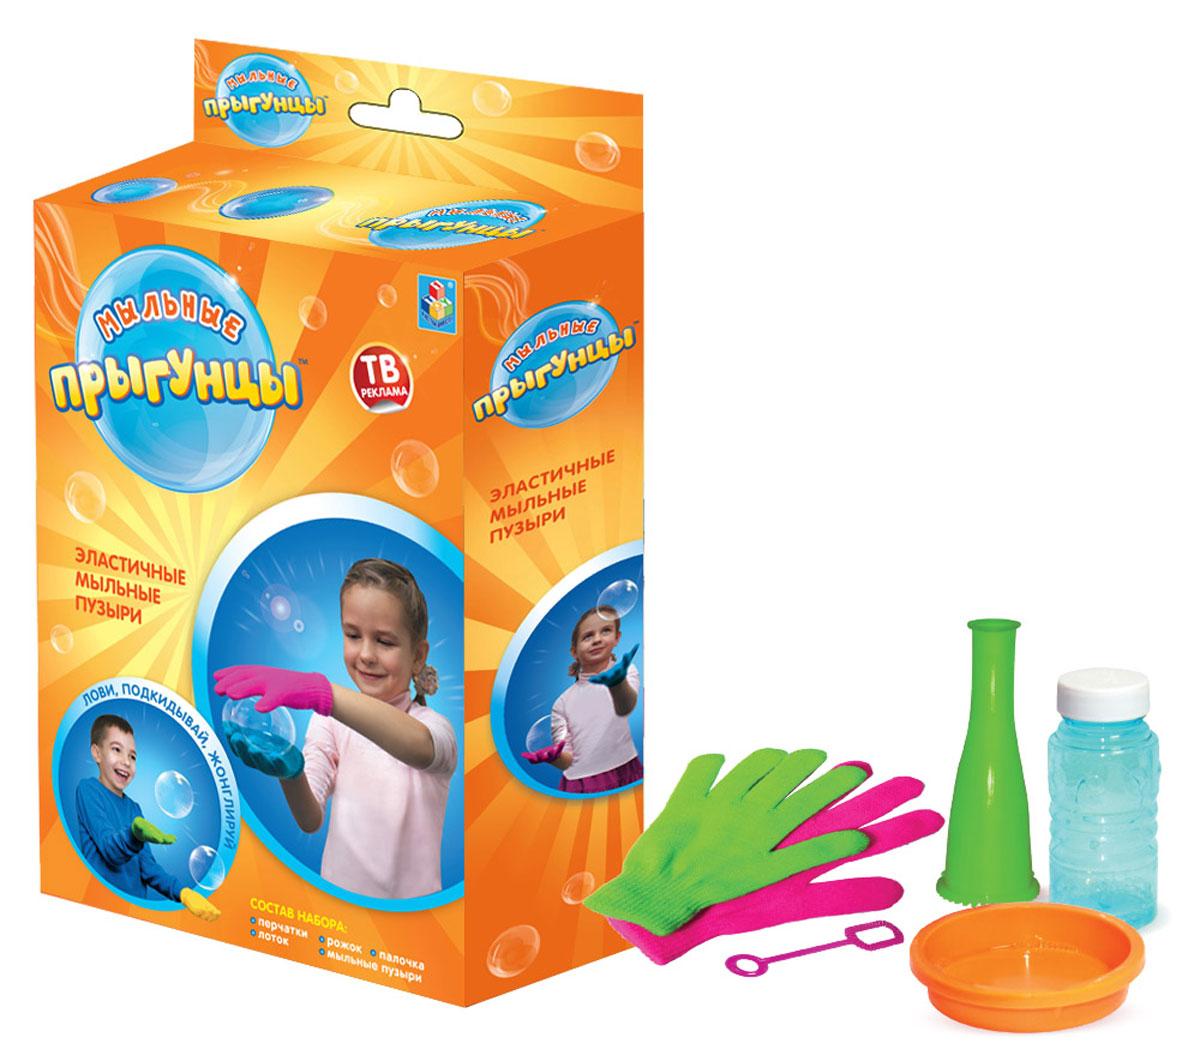 1TOY Мыльные пузыри Прыгунцы 60 млТ58673Мыльные Прыгунцы - эластичные пузыри, с которыми весело играть, ловить, подкидывать и жонглировать! Благодаря волшебной мыльной жидкости и перчаткам мыльные пузыри не лопаются в руке. Подкидывайте пузырь, жонглируйте, удивляйте друзей! Играть Мыльными Прыгунцами можно как дома, так и на улице в безветренную погоду!